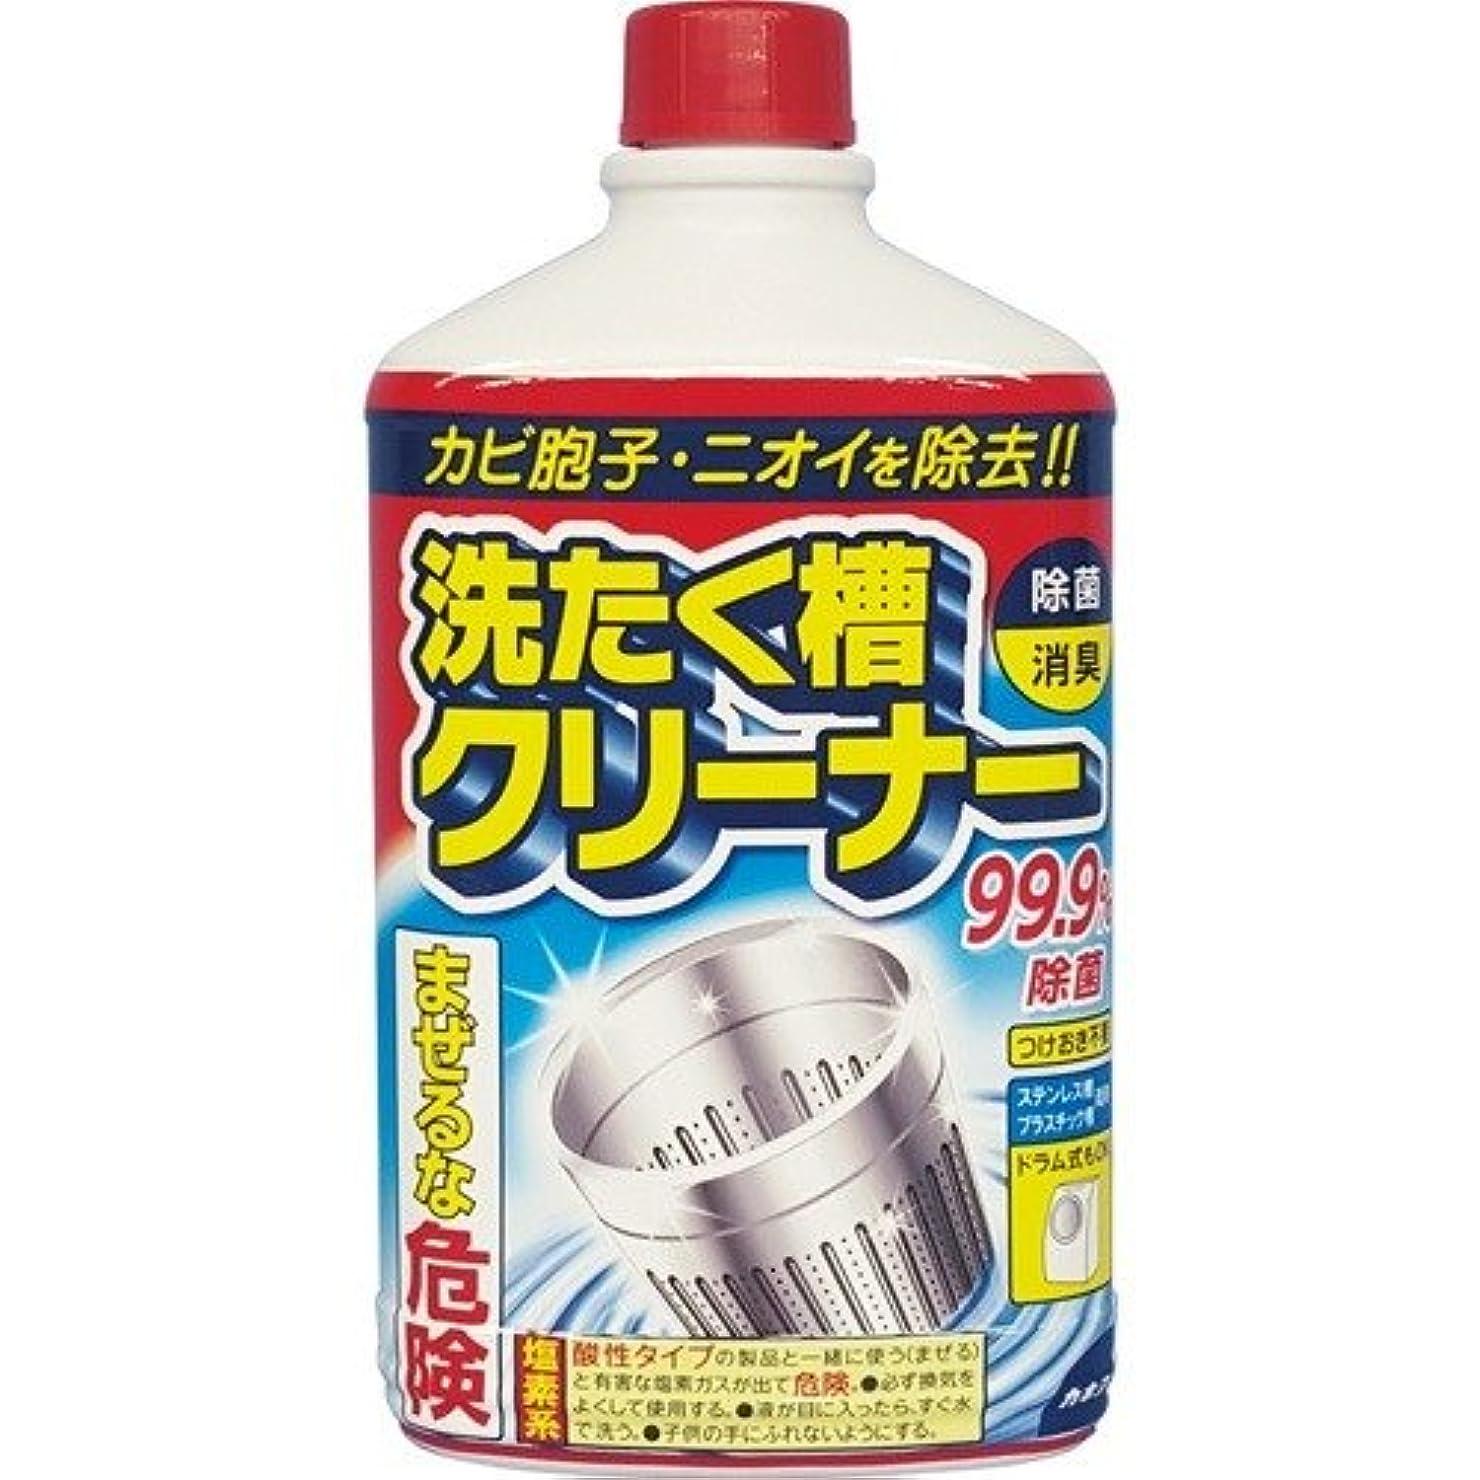 十分に検査ブッシュ洗たく槽クリ-ナ- 550g